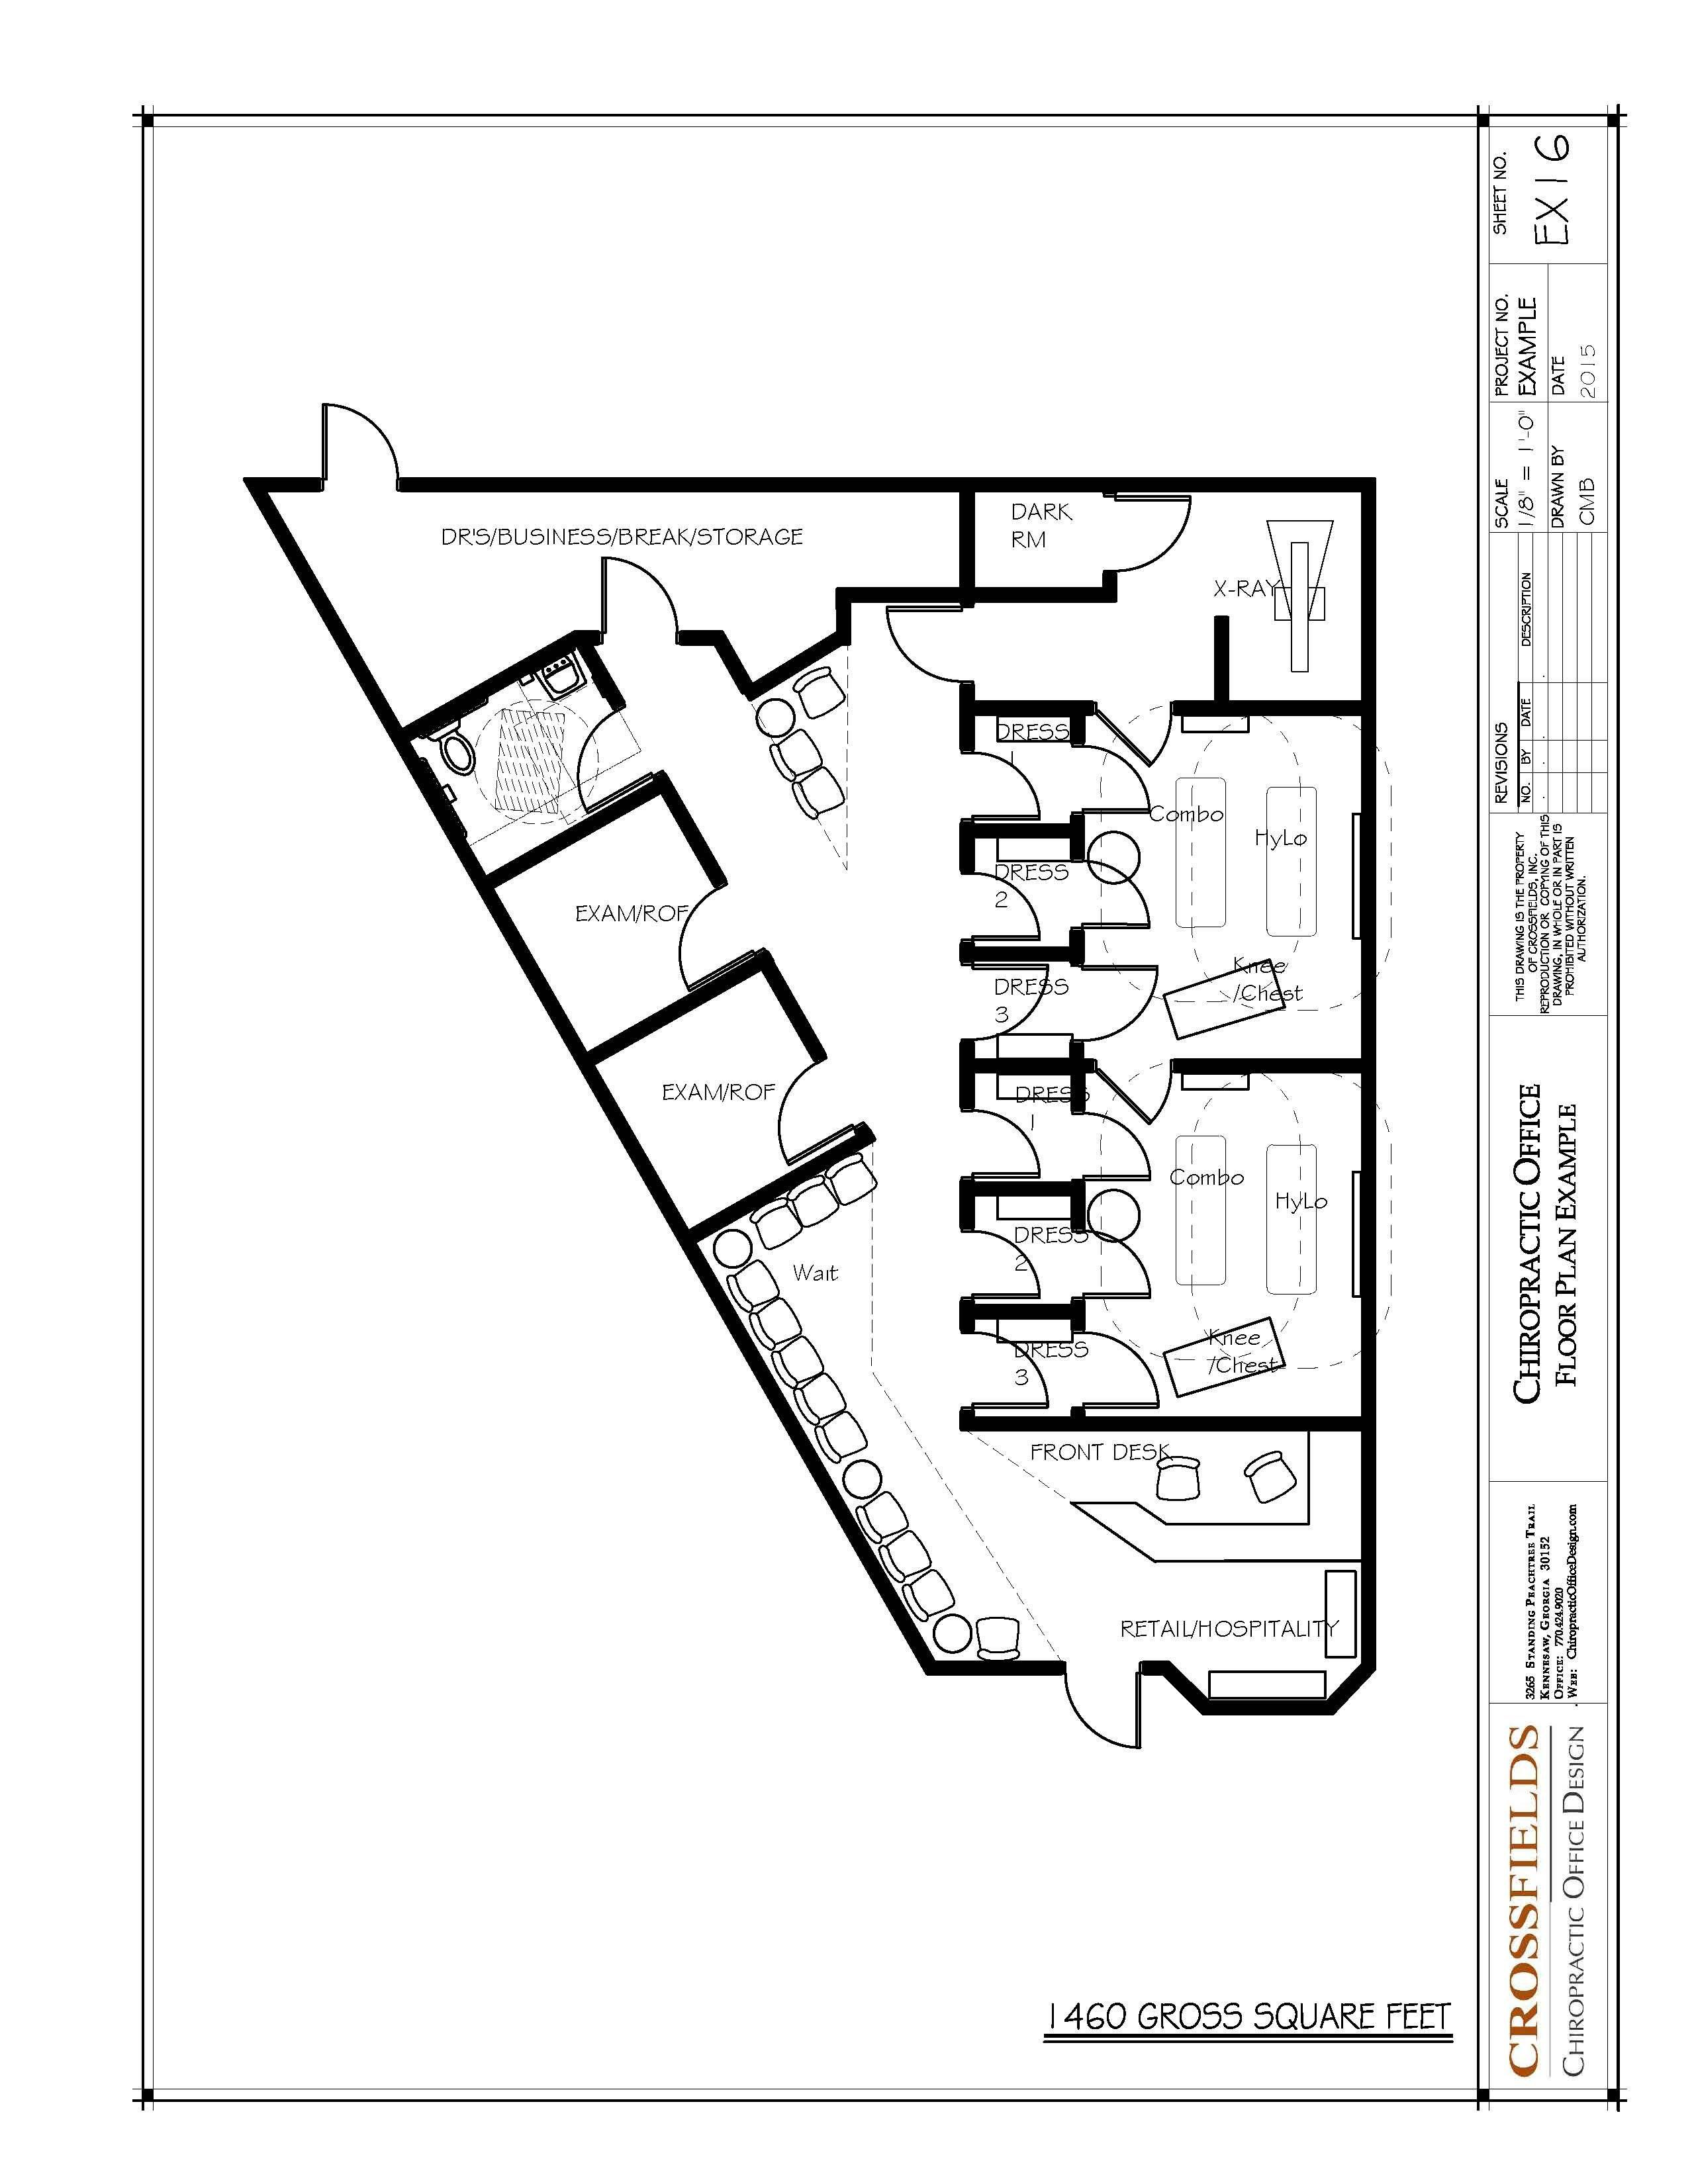 Chiropractic office floor plan gonstead method closed for Chiropractic office layout examples